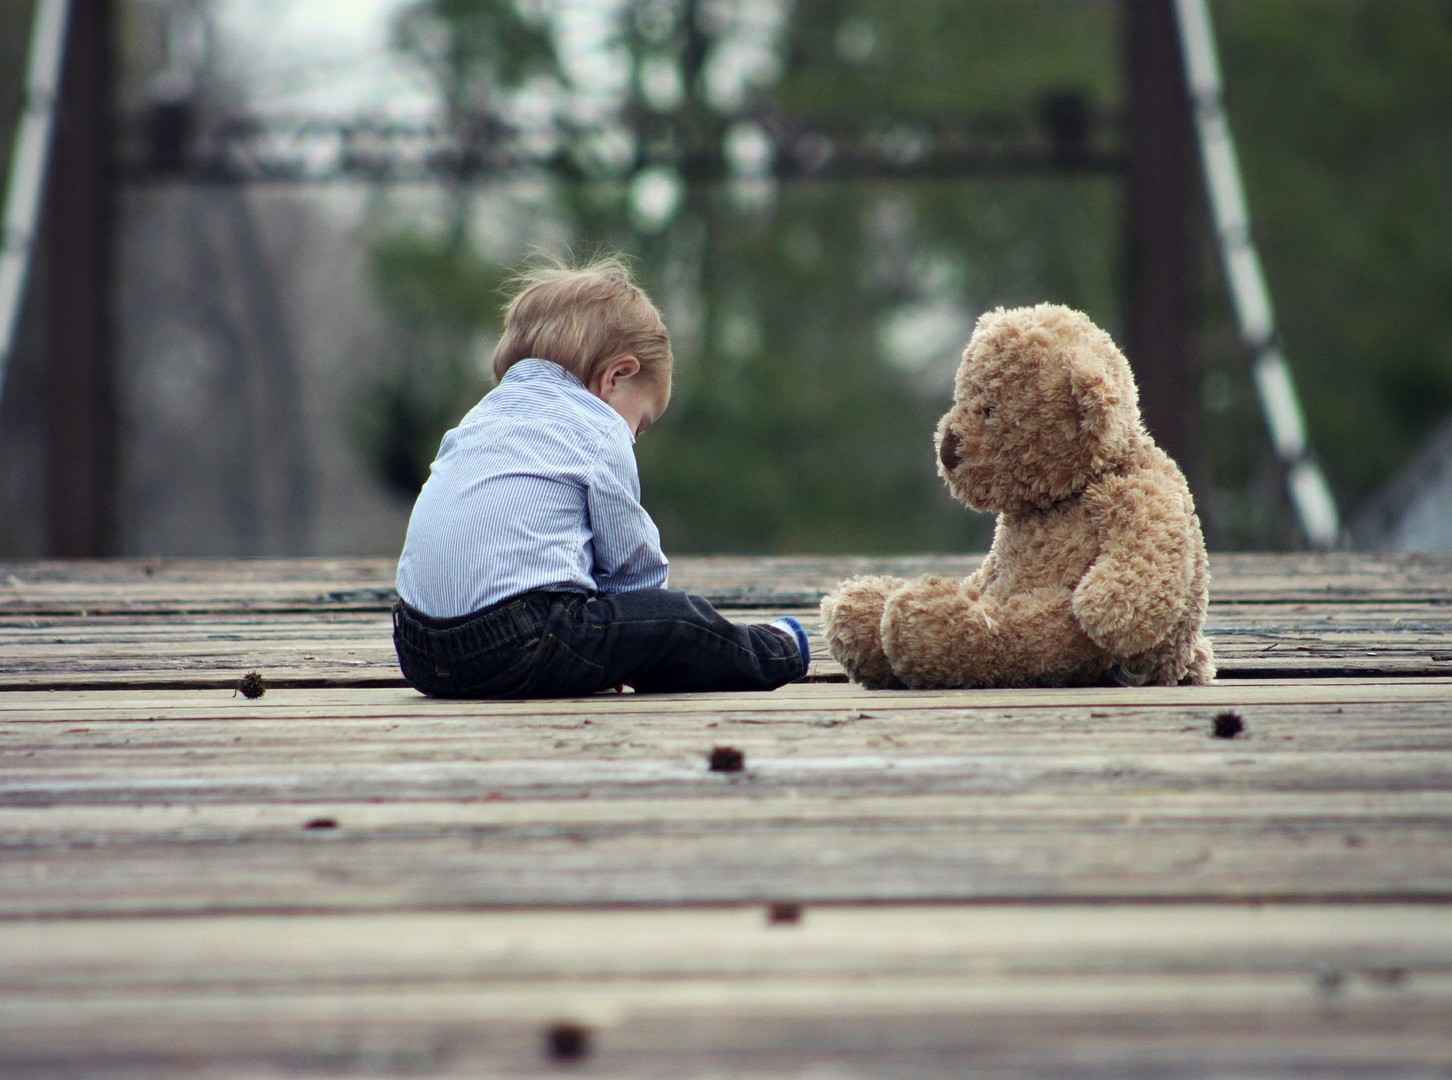 Как развестись с мужем, если есть несовершеннолетние дети?